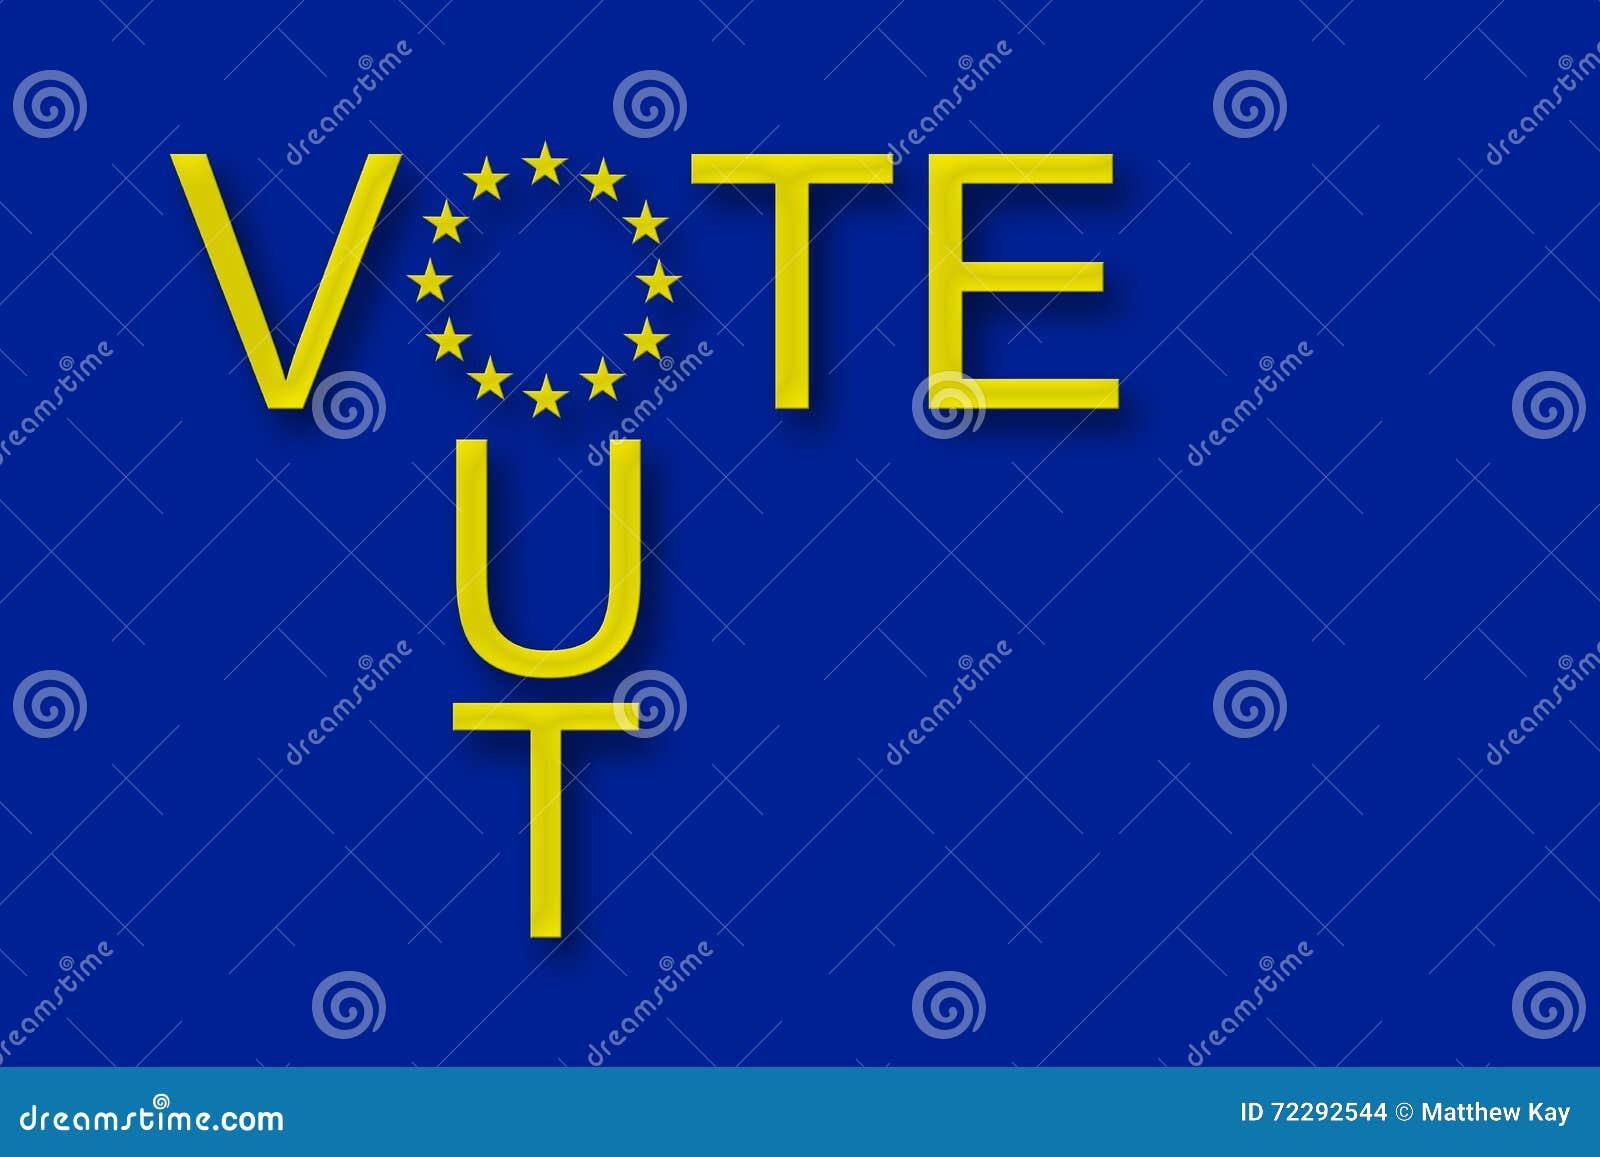 Download Голосование из Европейского союза Иллюстрация штока - иллюстрации насчитывающей bluets, выбор: 72292544